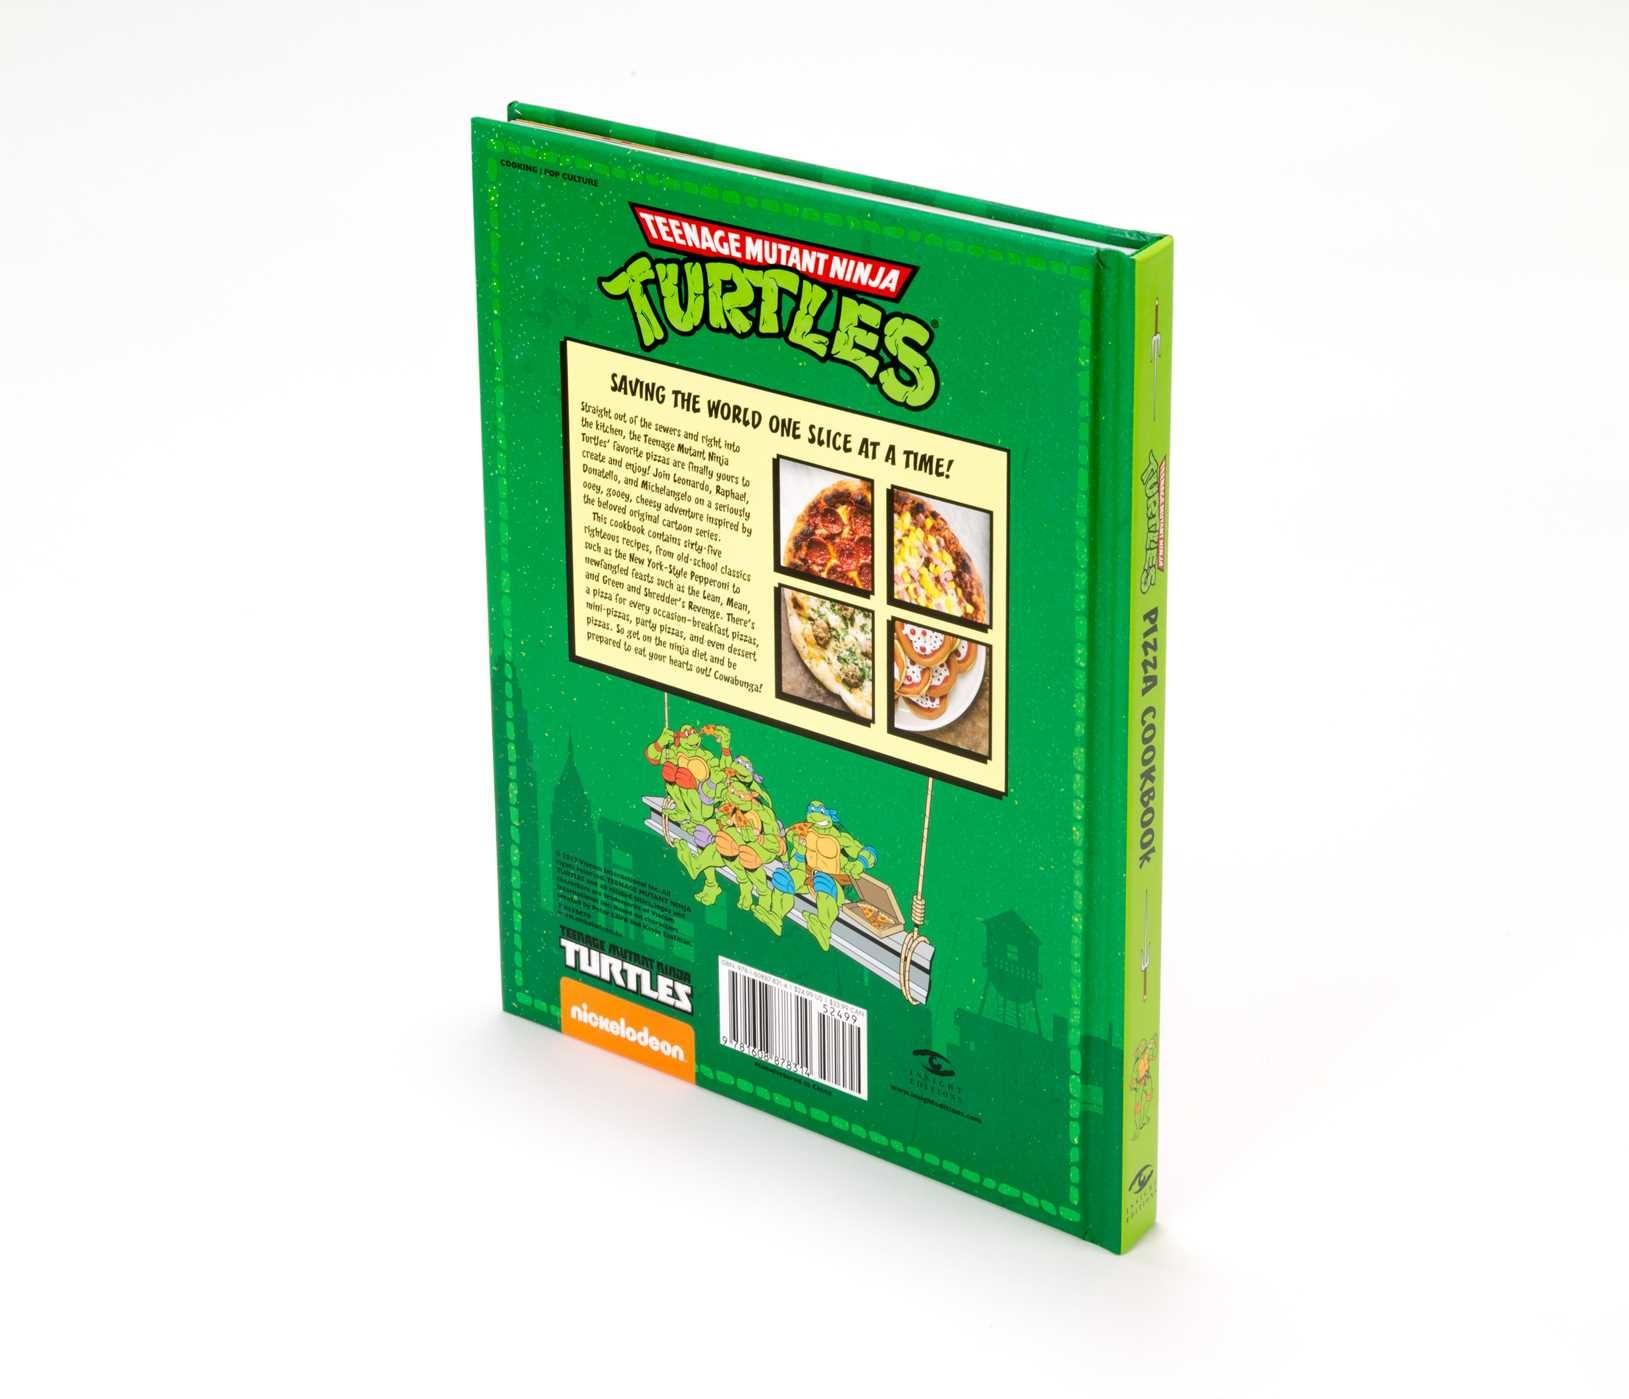 The teenage mutant ninja turtles pizza cookbook 9781608878314.in06